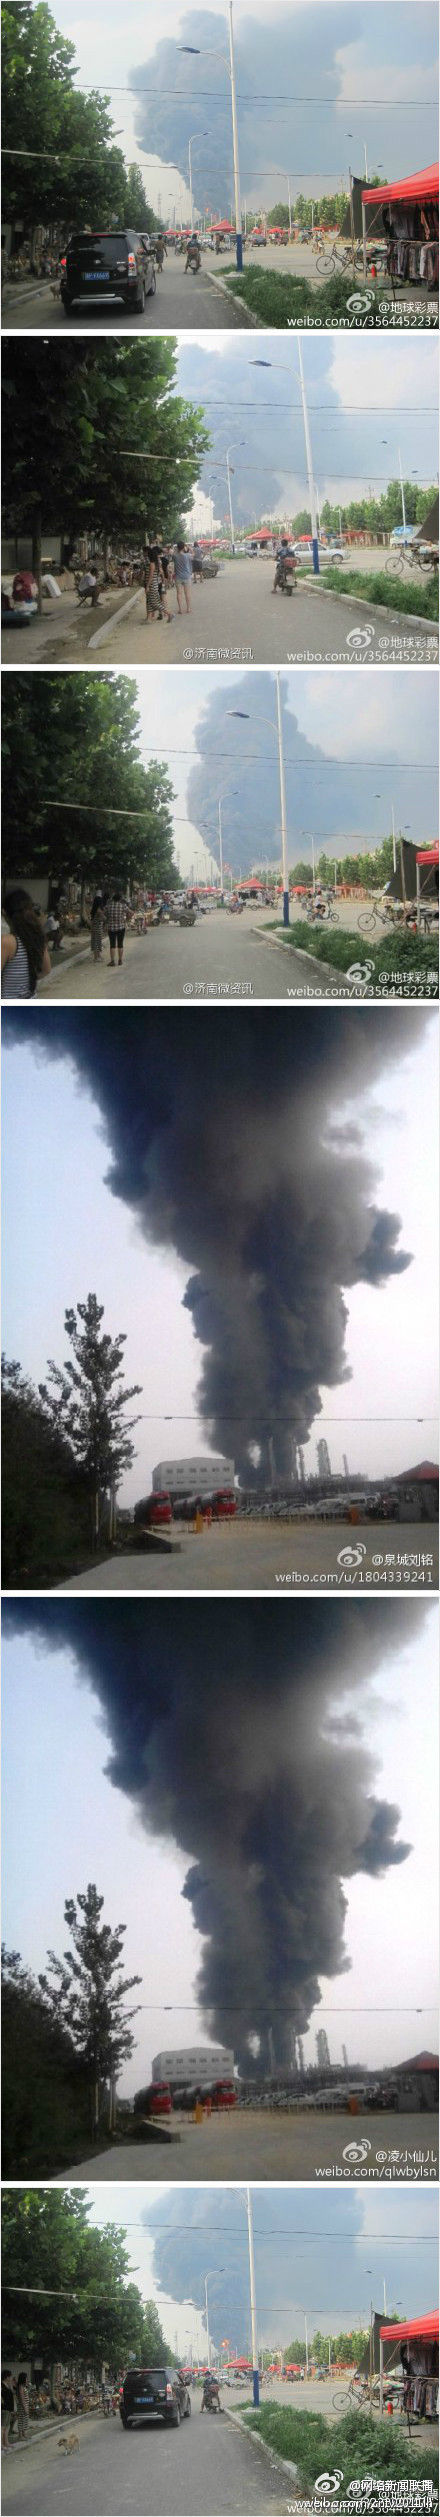 高清图—山东聊城鲁西化工厂发生爆炸 伤亡情况不明